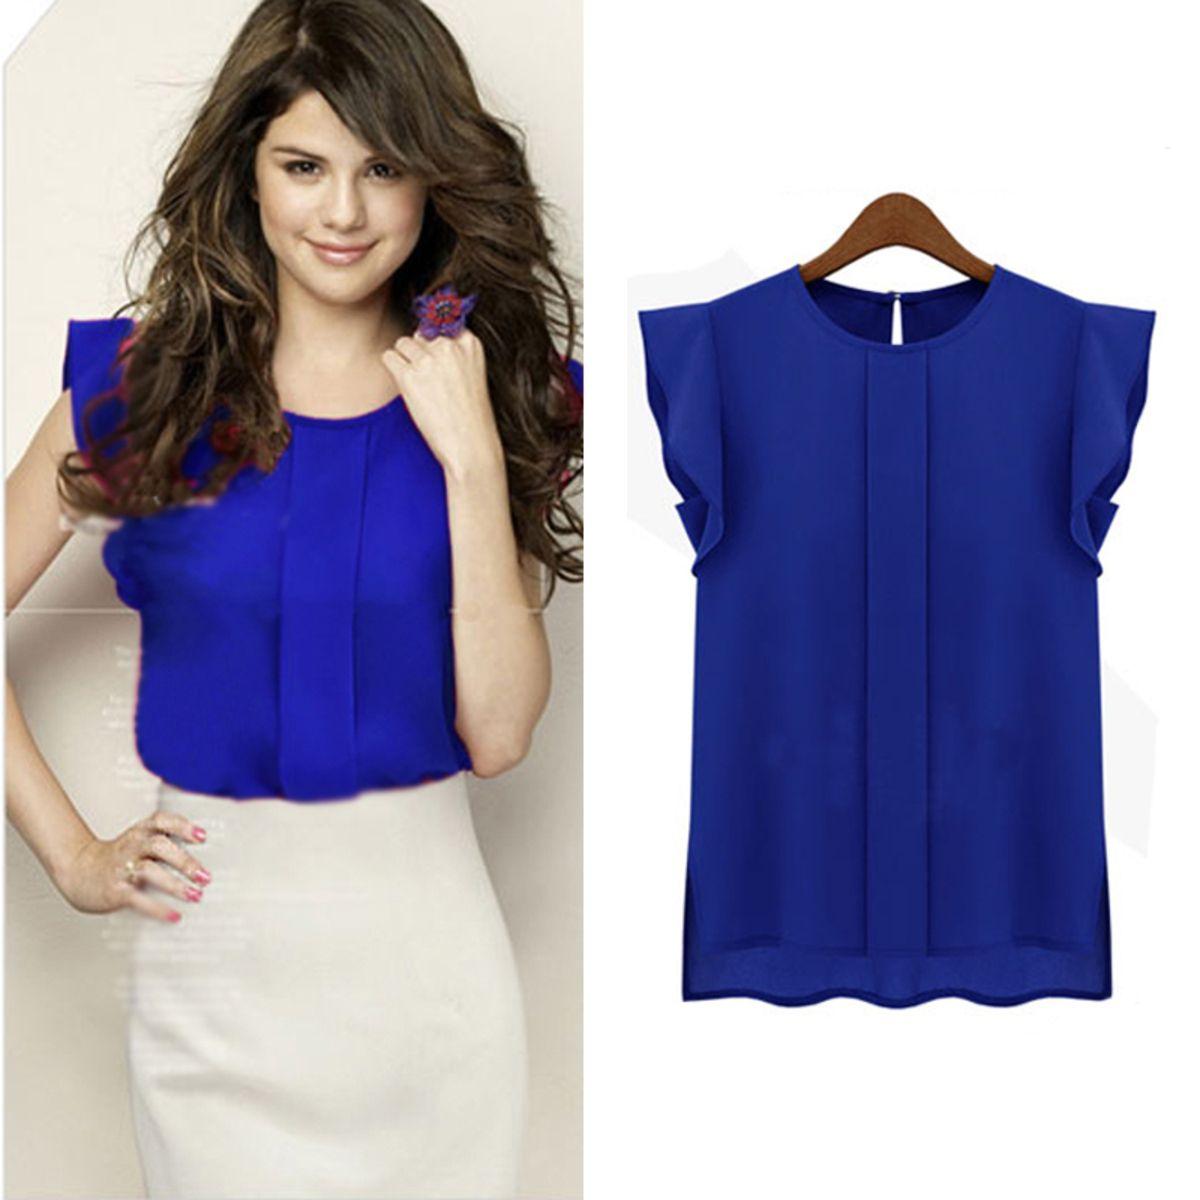 eccd3e8a06e Comprar roupas femininas online